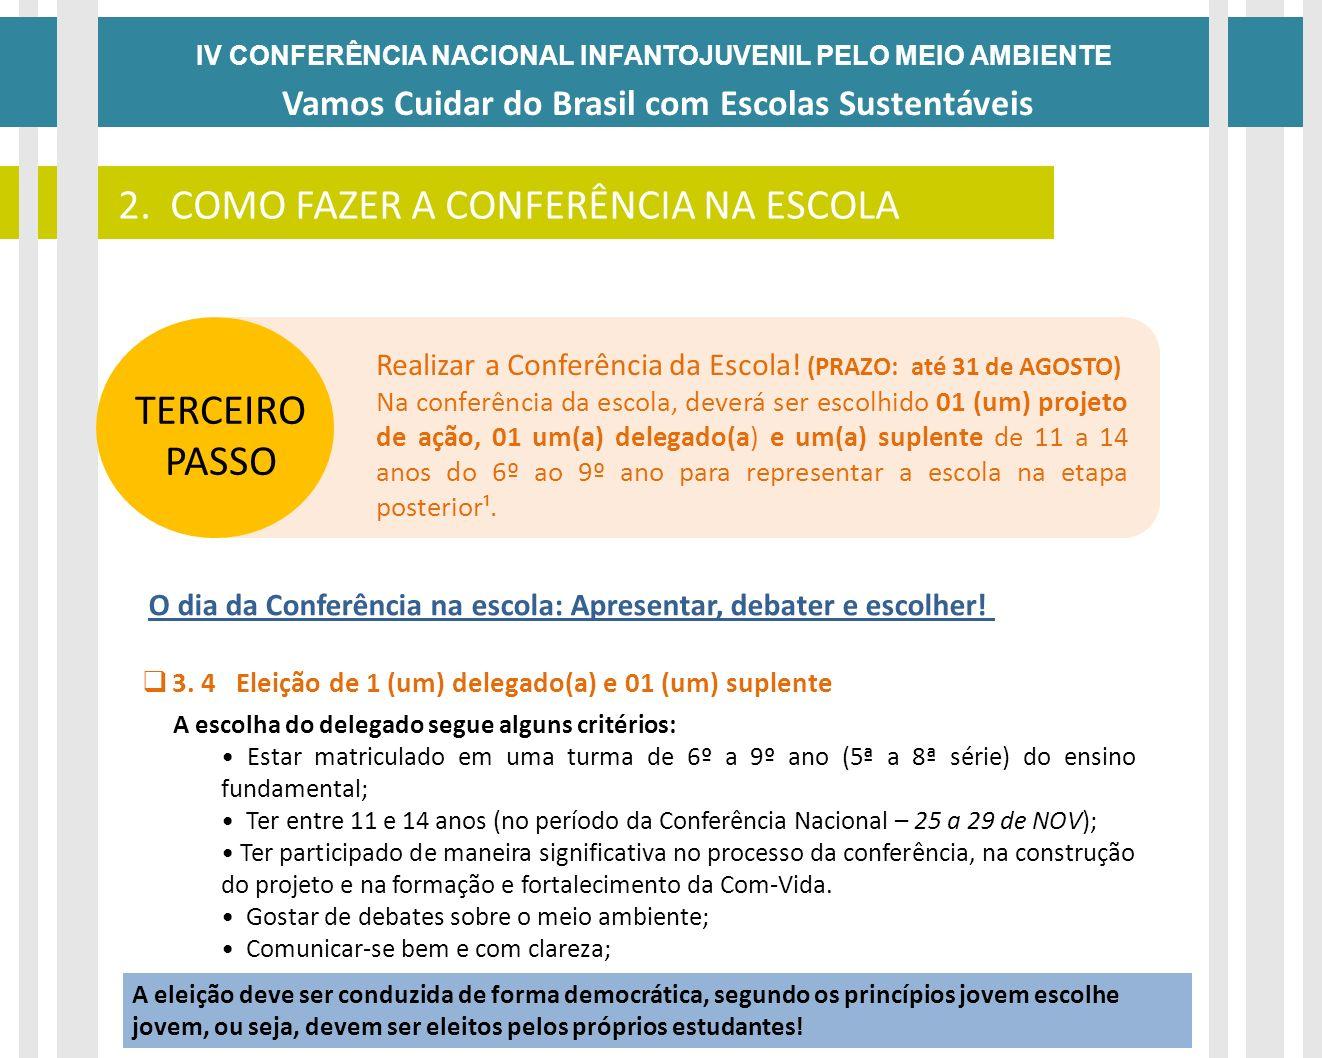 IV CONFERÊNCIA NACIONAL INFANTOJUVENIL PELO MEIO AMBIENTE Vamos Cuidar do Brasil com Escolas Sustentáveis DATAS 2. COMO FAZER A CONFERÊNCIA NA ESCOLA